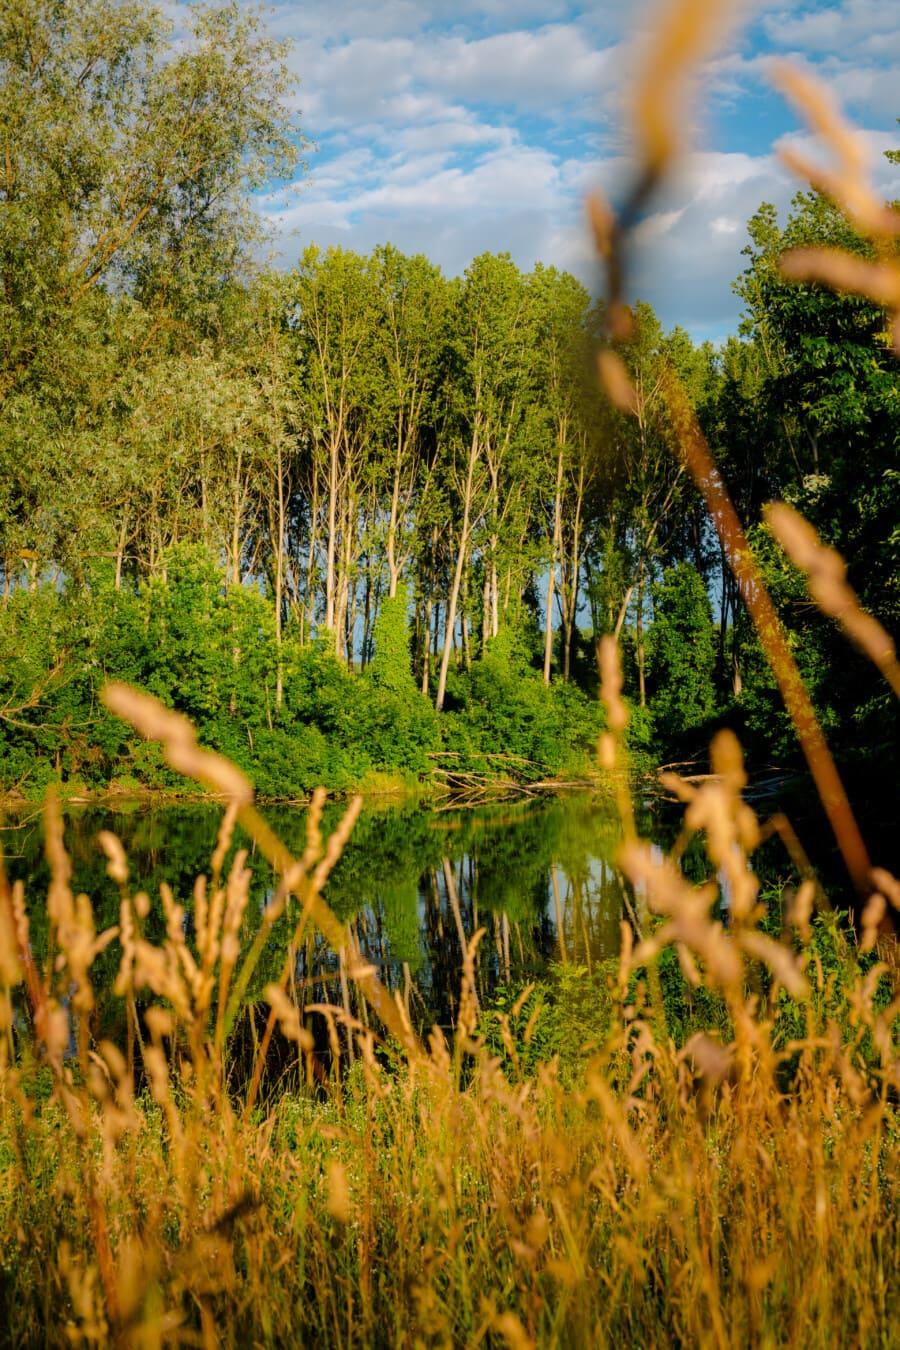 sommersesongen, myr, gress, økosystem, skog, landskapet, treet, anlegget, natur, tre